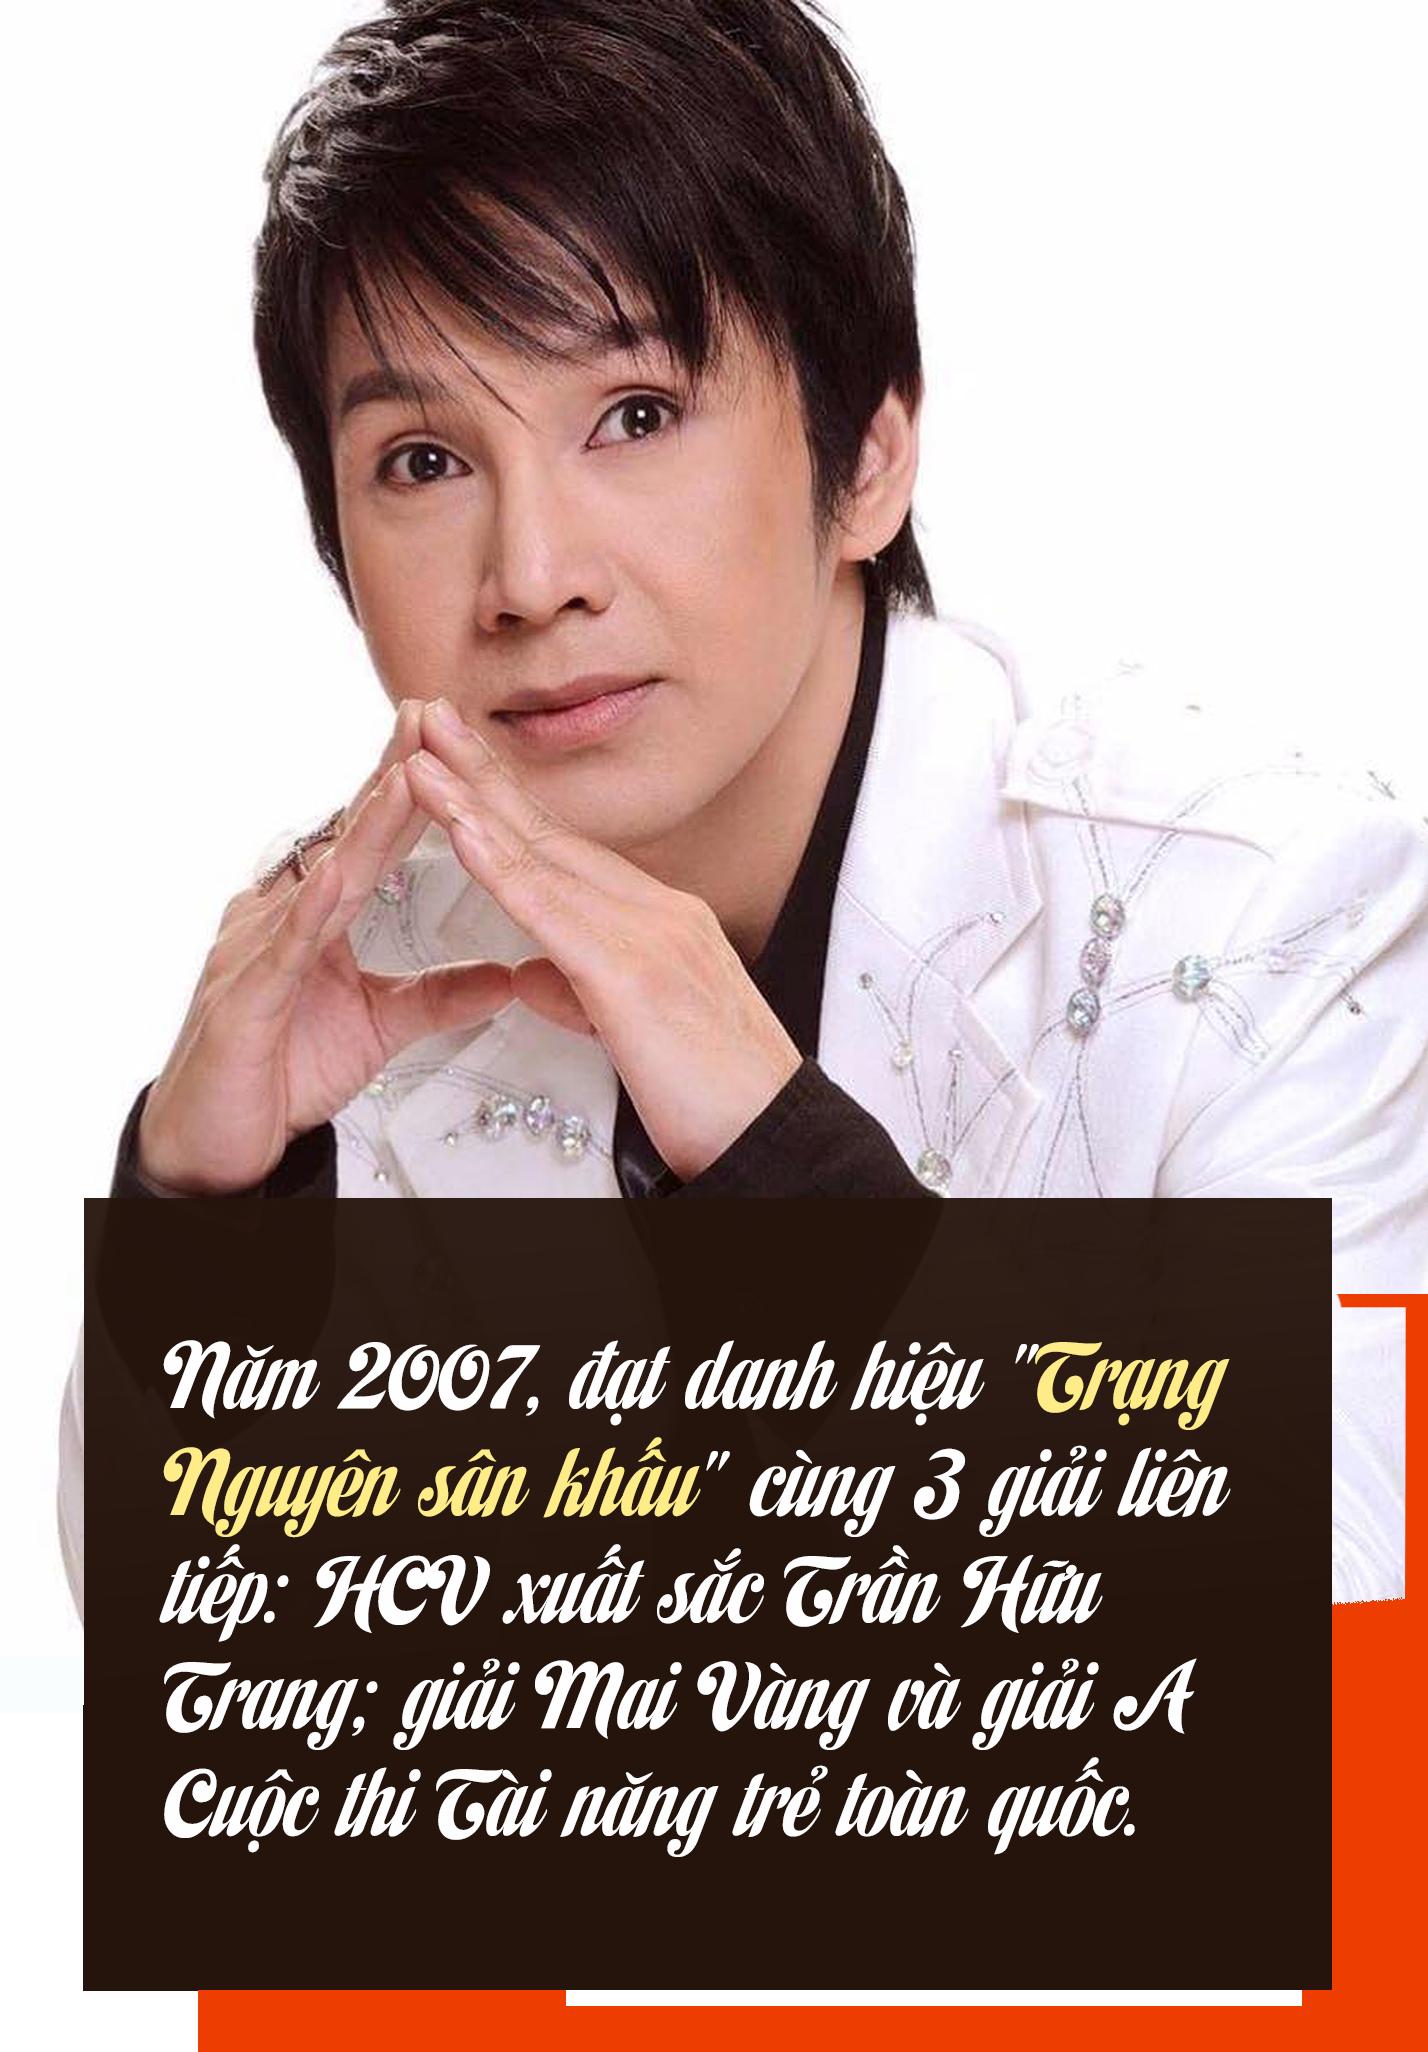 """[Emagazine] Nghệ sĩ ưu tú Vũ Luân: """"Giải Mai Vàng là ngôi nhà hạnh phúc"""" - Ảnh 6."""